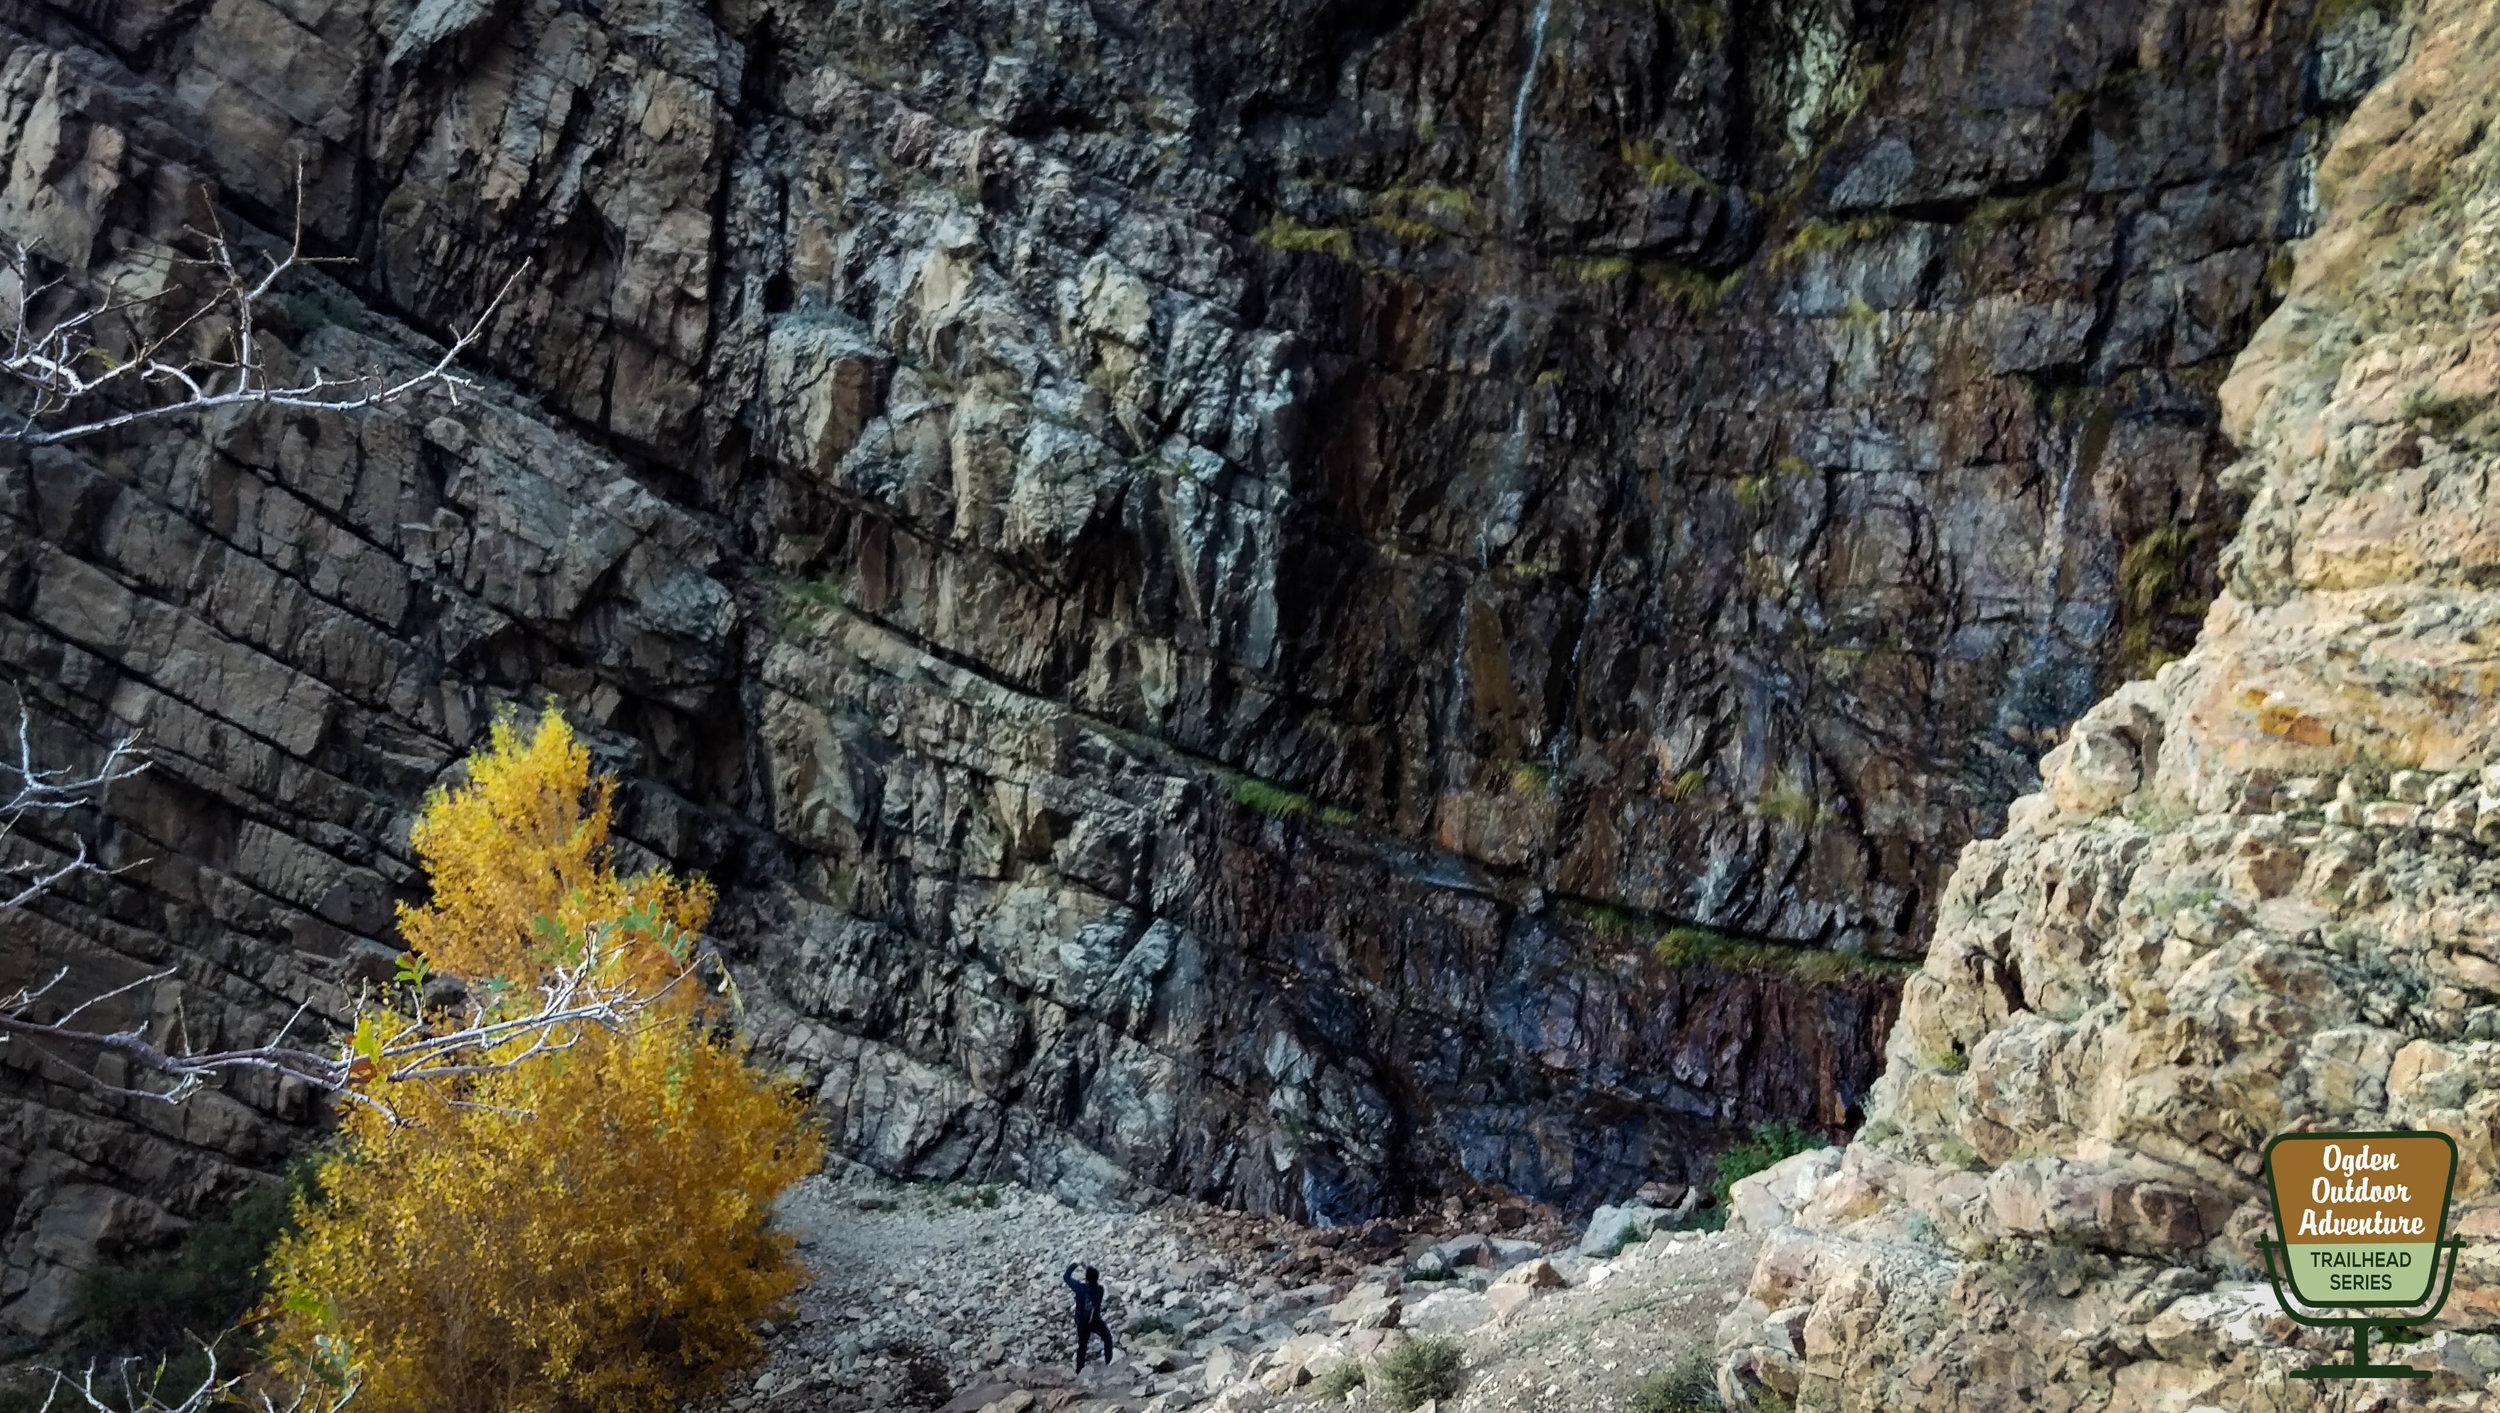 Ogden Outdoor Adventure Show 256 - Waterfall Canyon-6.jpg